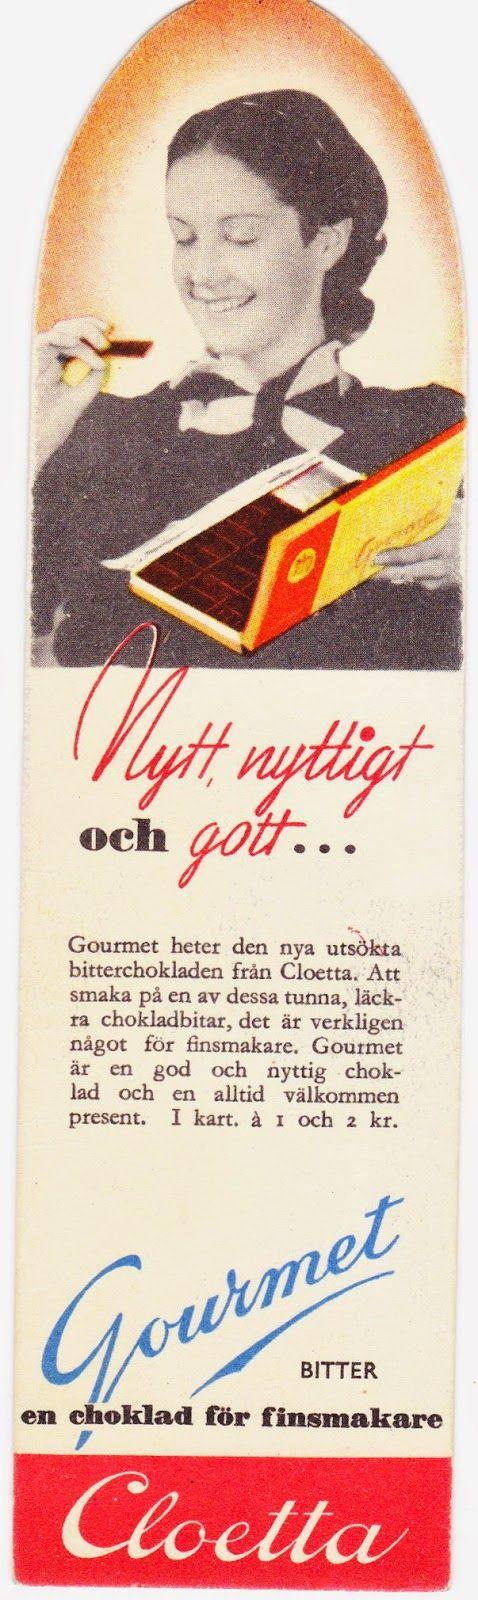 A Surprise Inside: Cloetta Chocolate